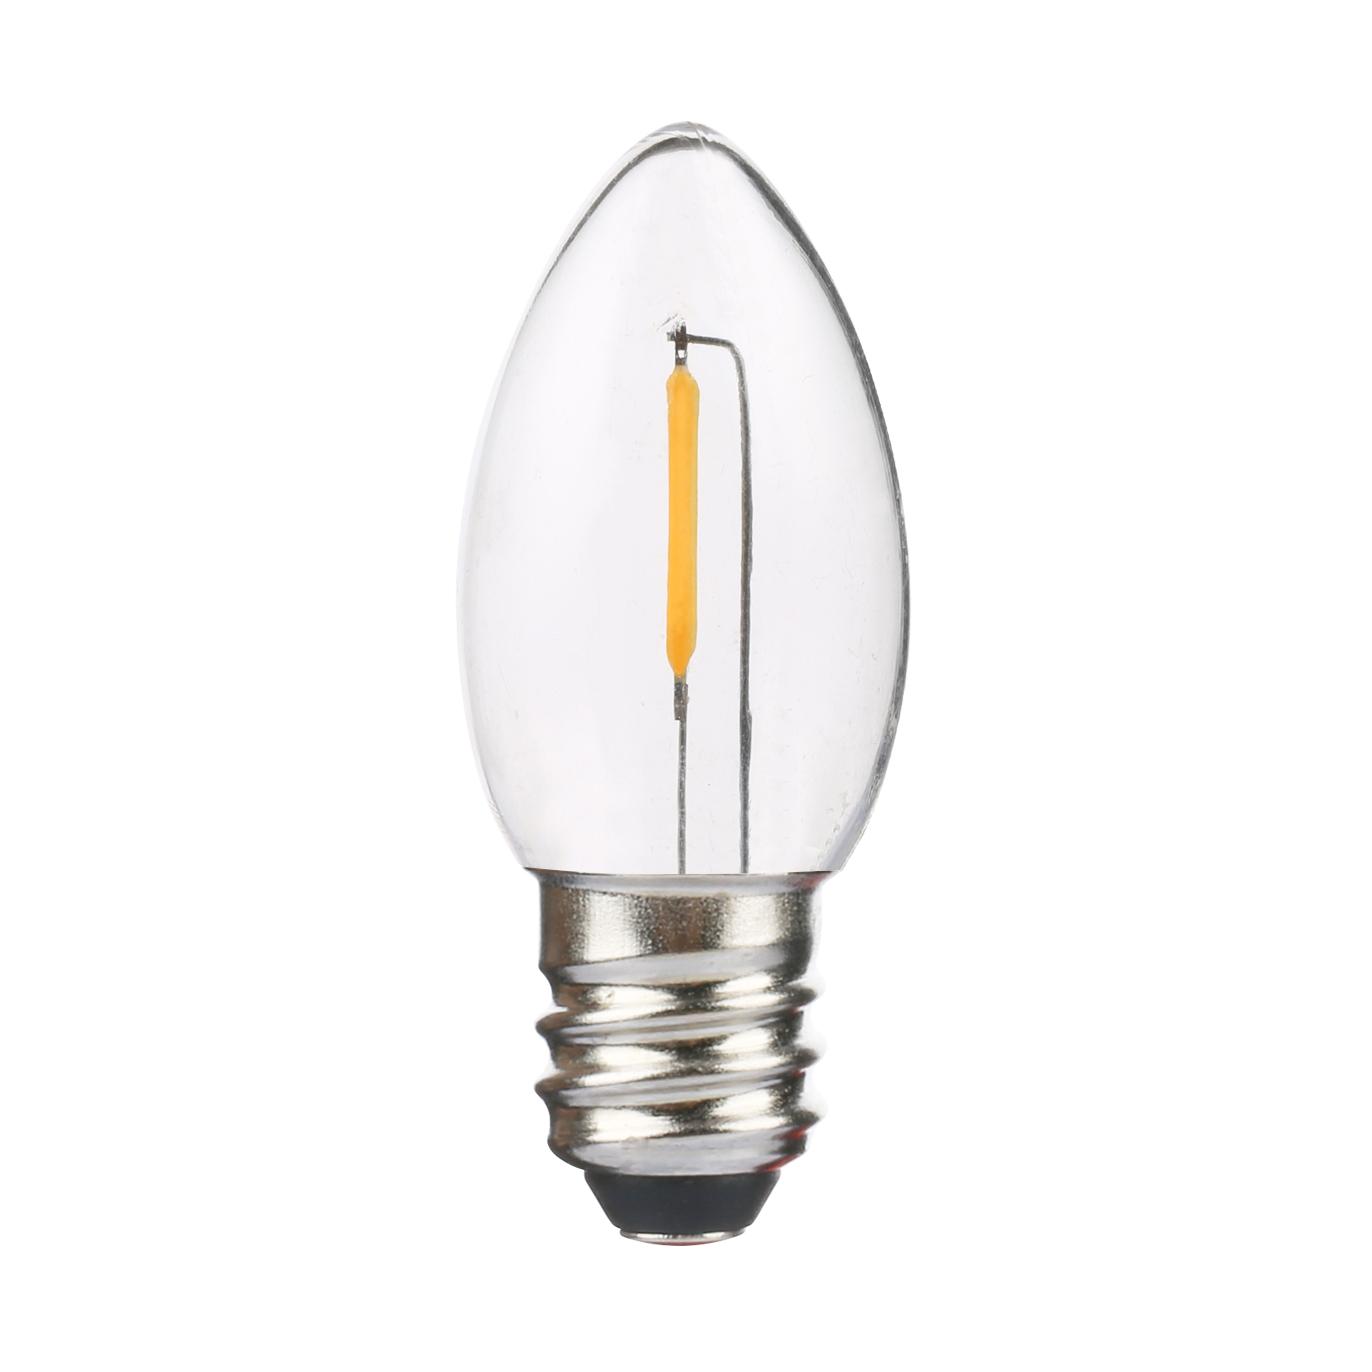 UL Listed E17 C9 LED bulbs